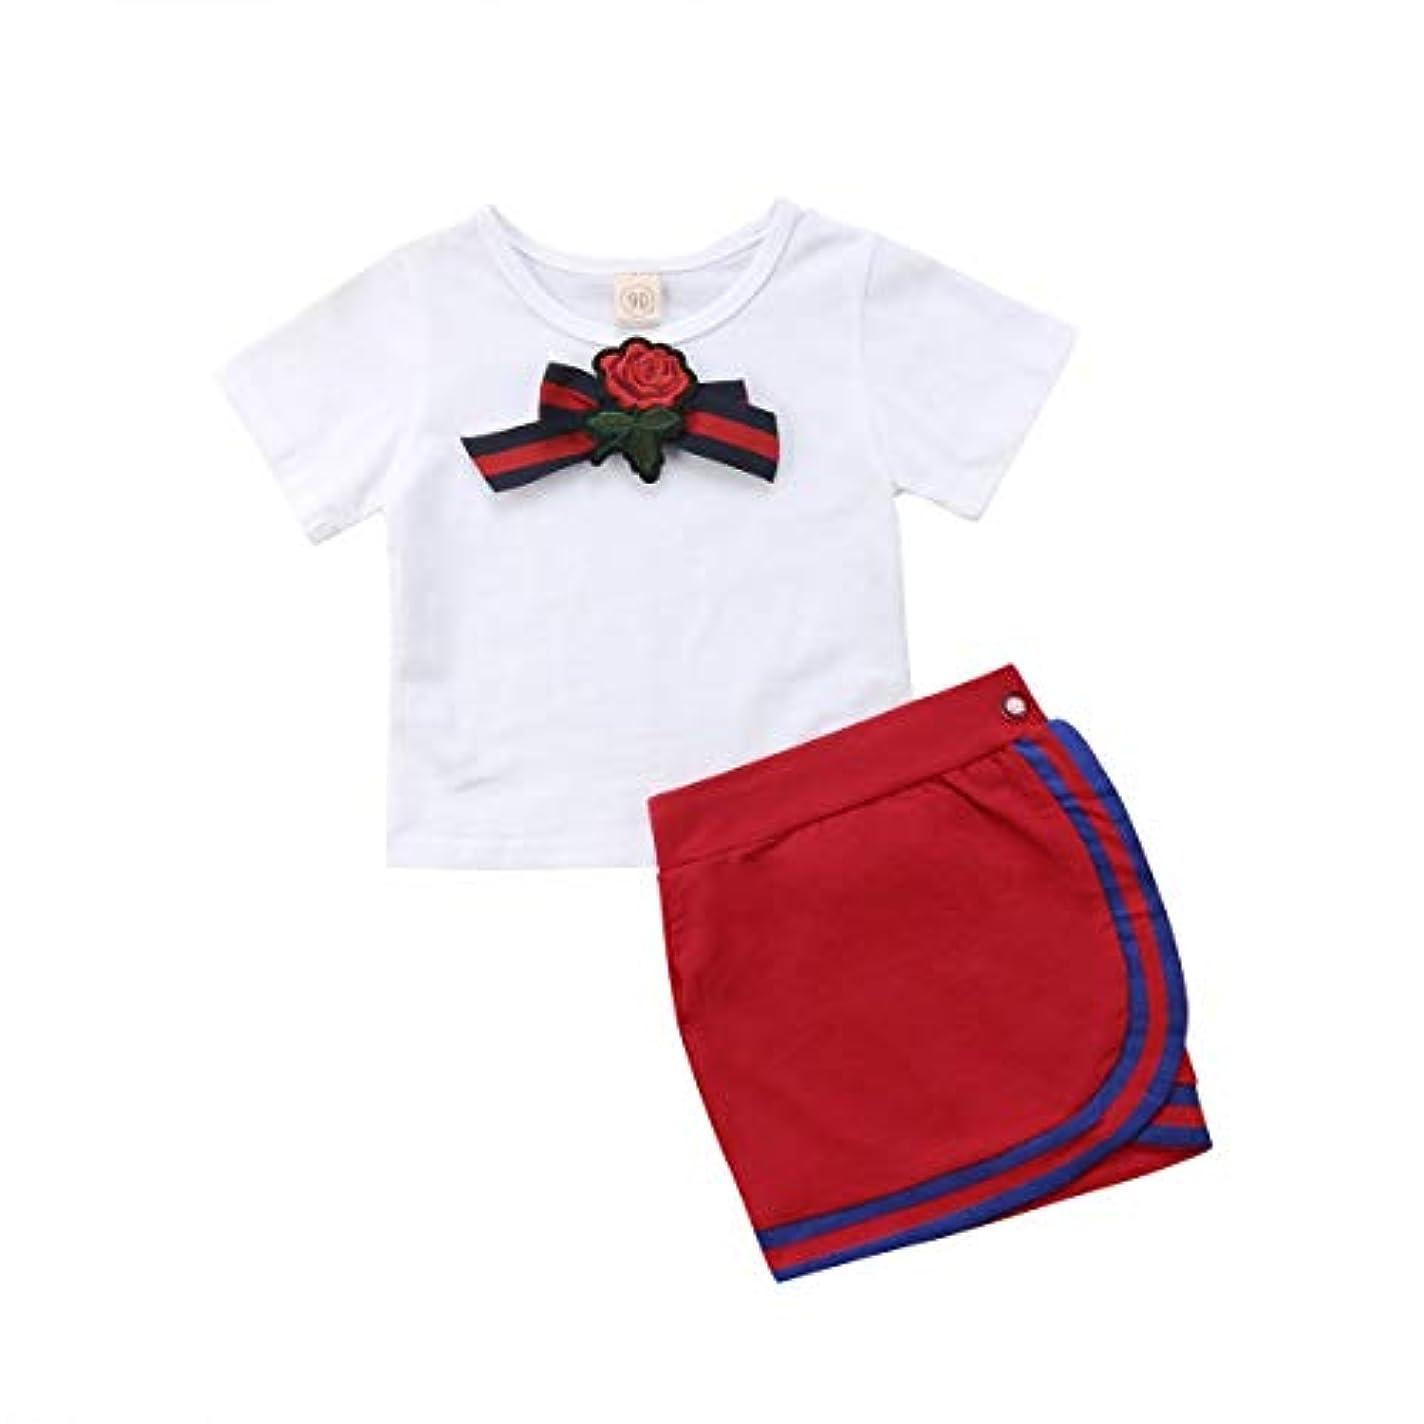 ウィンクニッケル透過性Onderroa - 女子制服新生児キッズベビー は蝶の花タイのTシャツショートミニスカートパーティーウェディングチュチュドレストップス設定します。